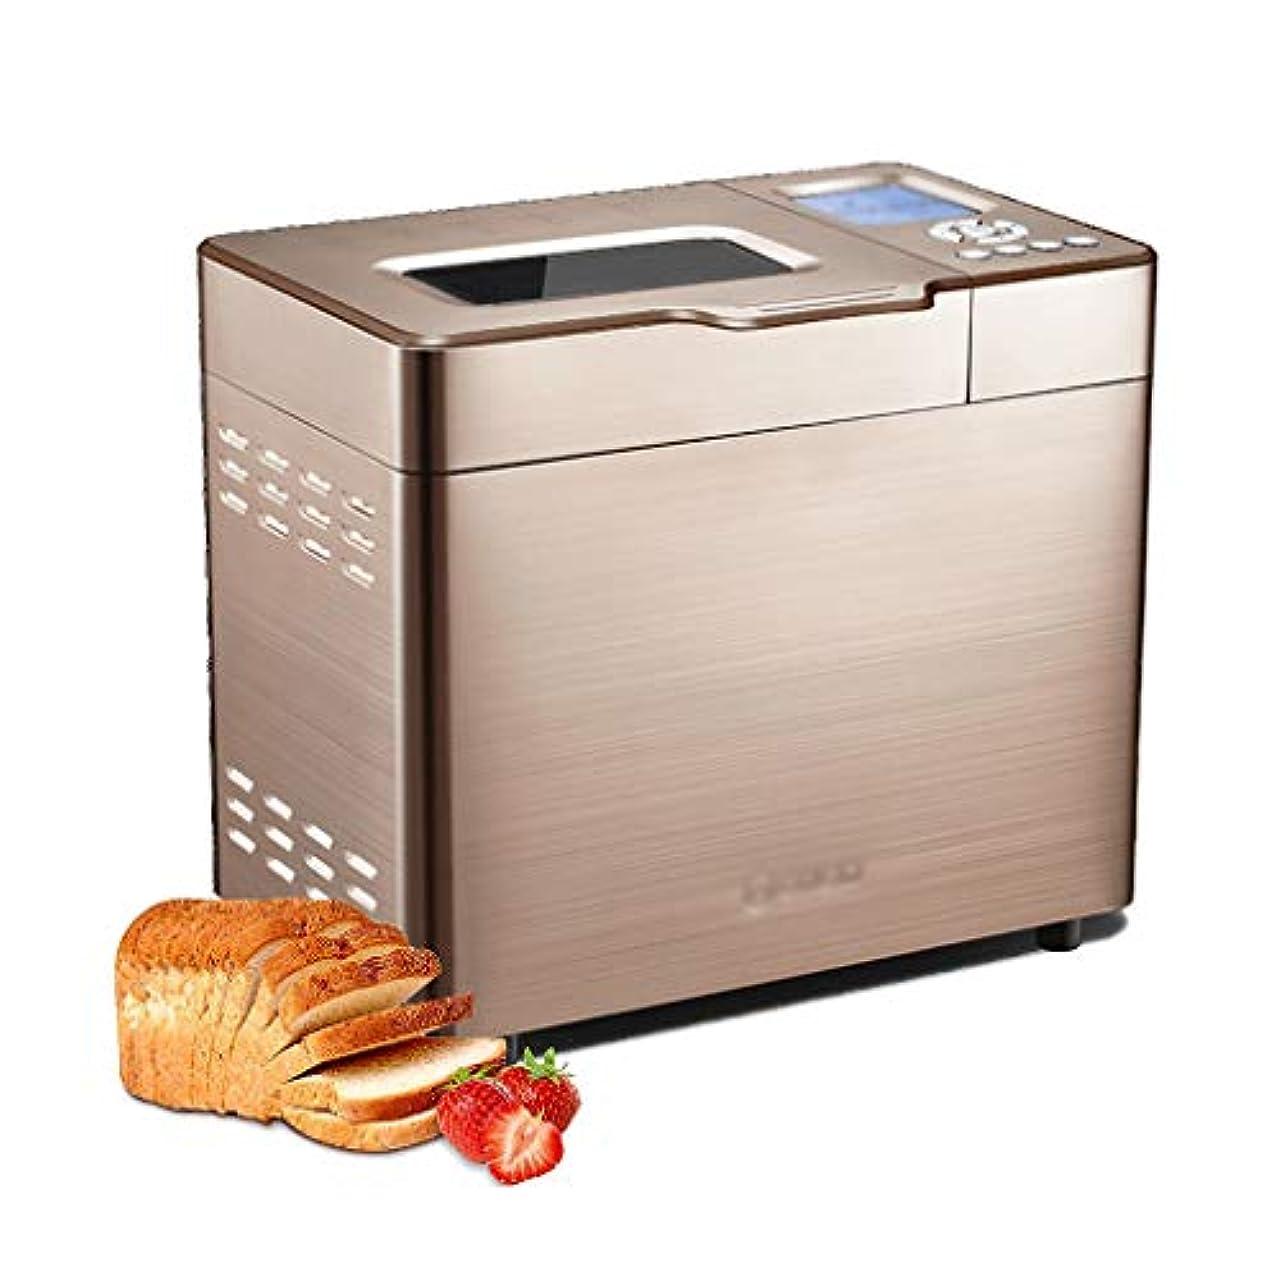 なにラメ男らしいパンメーカー、自動パン製造機1.5LB、3クラストの色2斤サイズ、グルテンフリー、13H遅延時間とのホームベーカリー30のメニューを暖かく保つ1H、優れた安全性650W